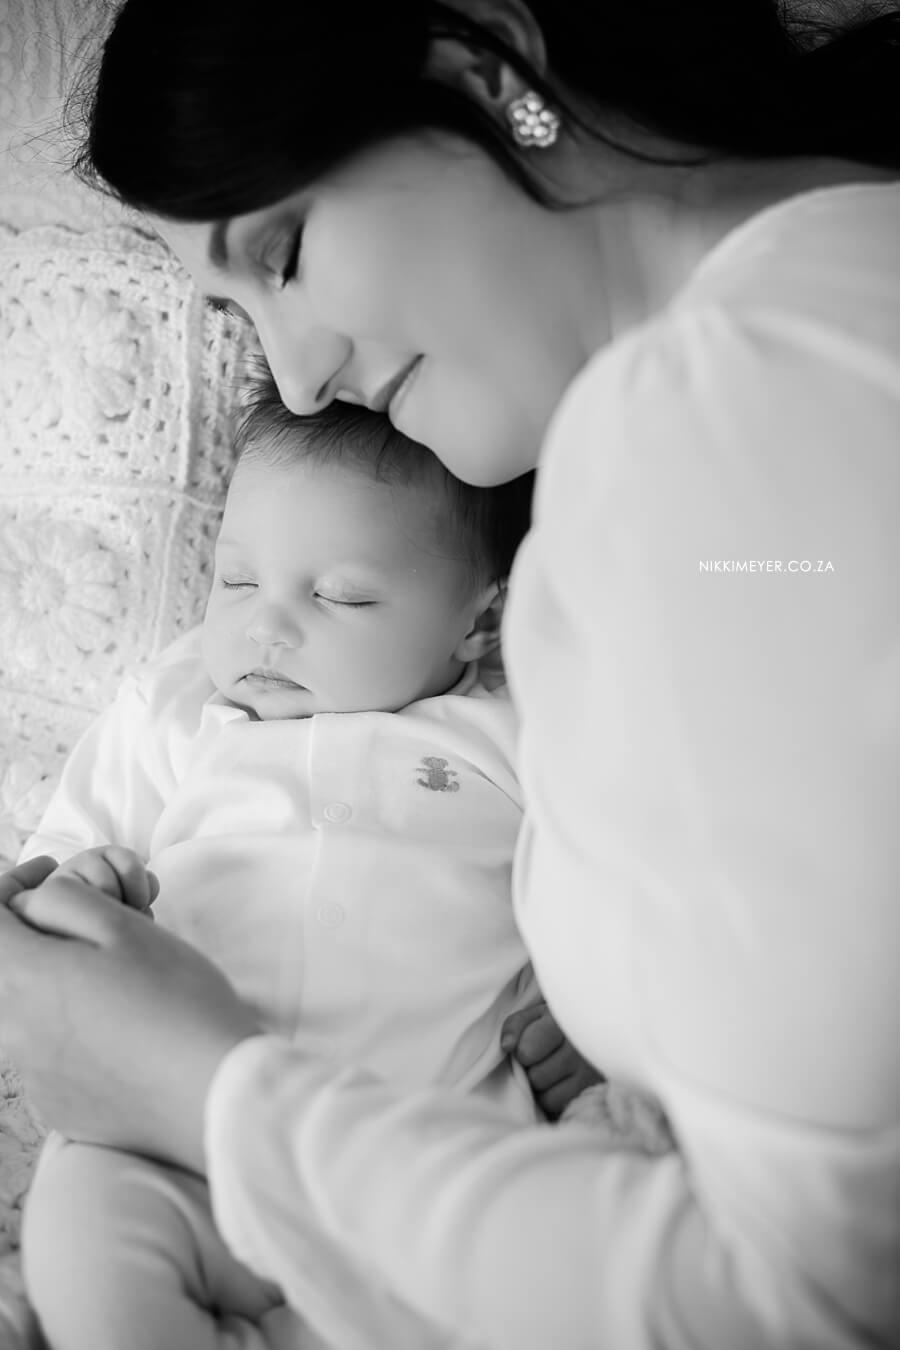 baby_photographer_stellenbosch_nikki_meyer_020